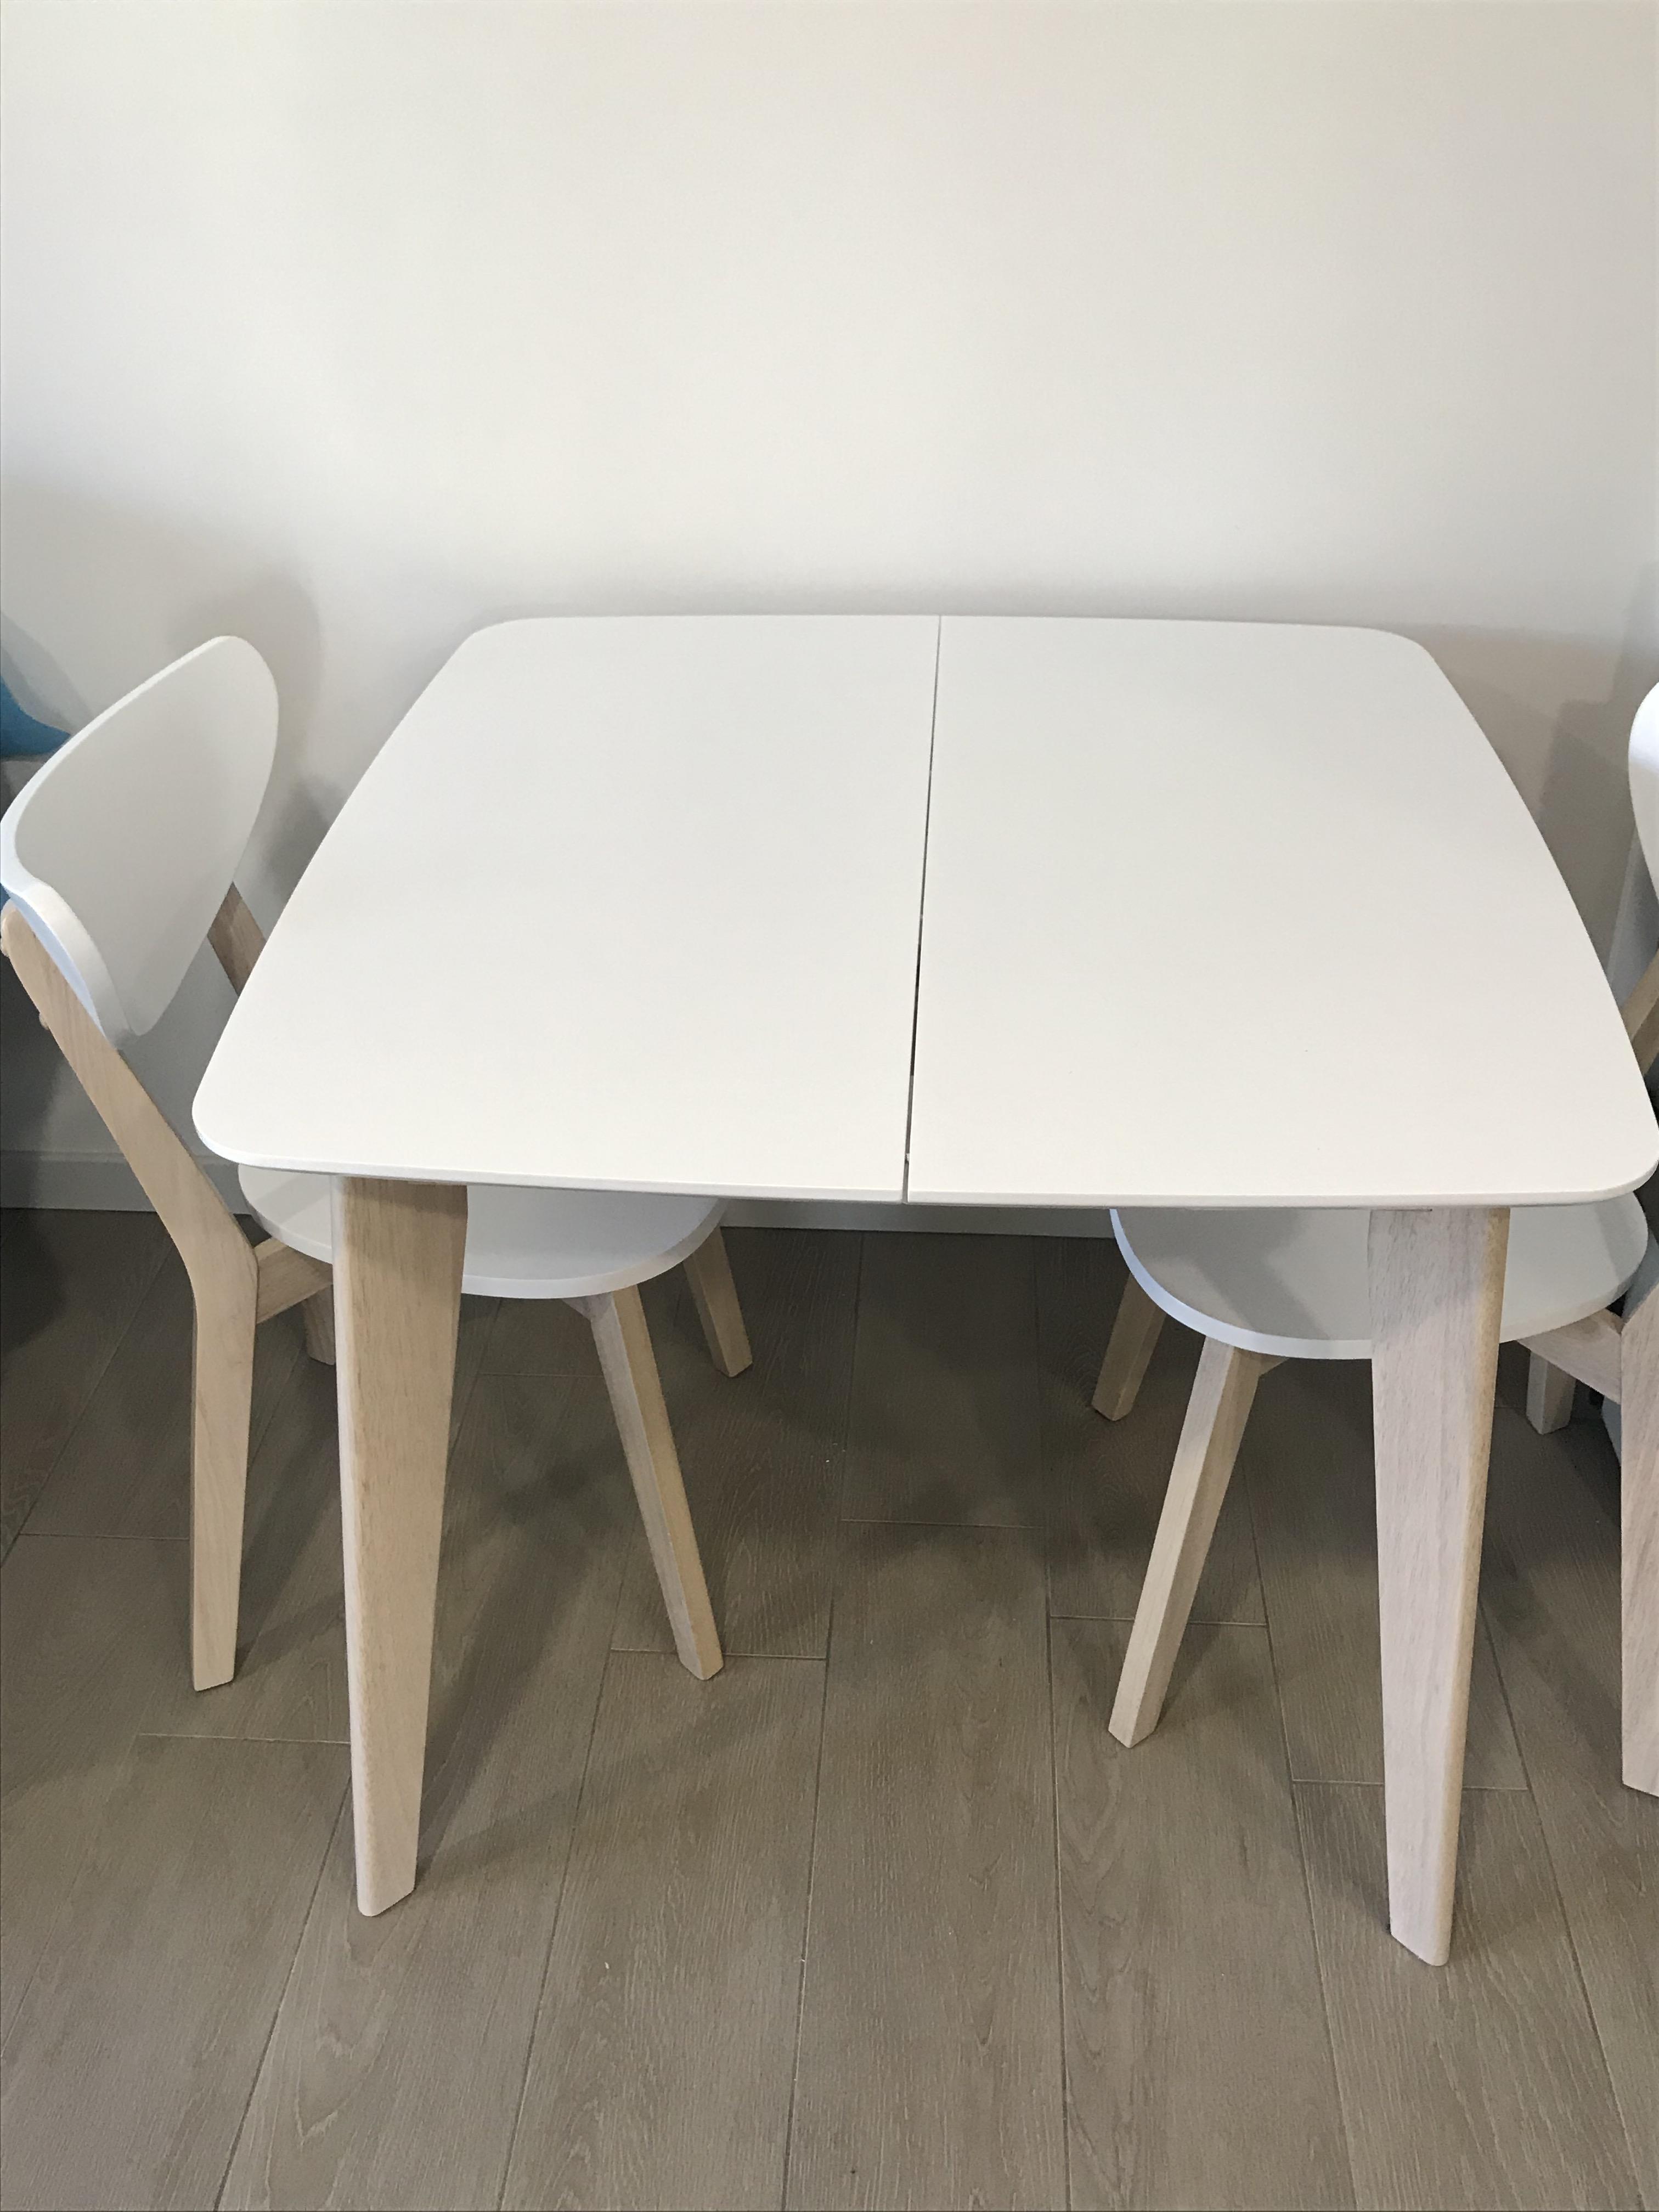 Tavolo Da Pranzo Allungabile Scandinavo Quadrato Bianco E Legno L90 130 Leena Miliboo